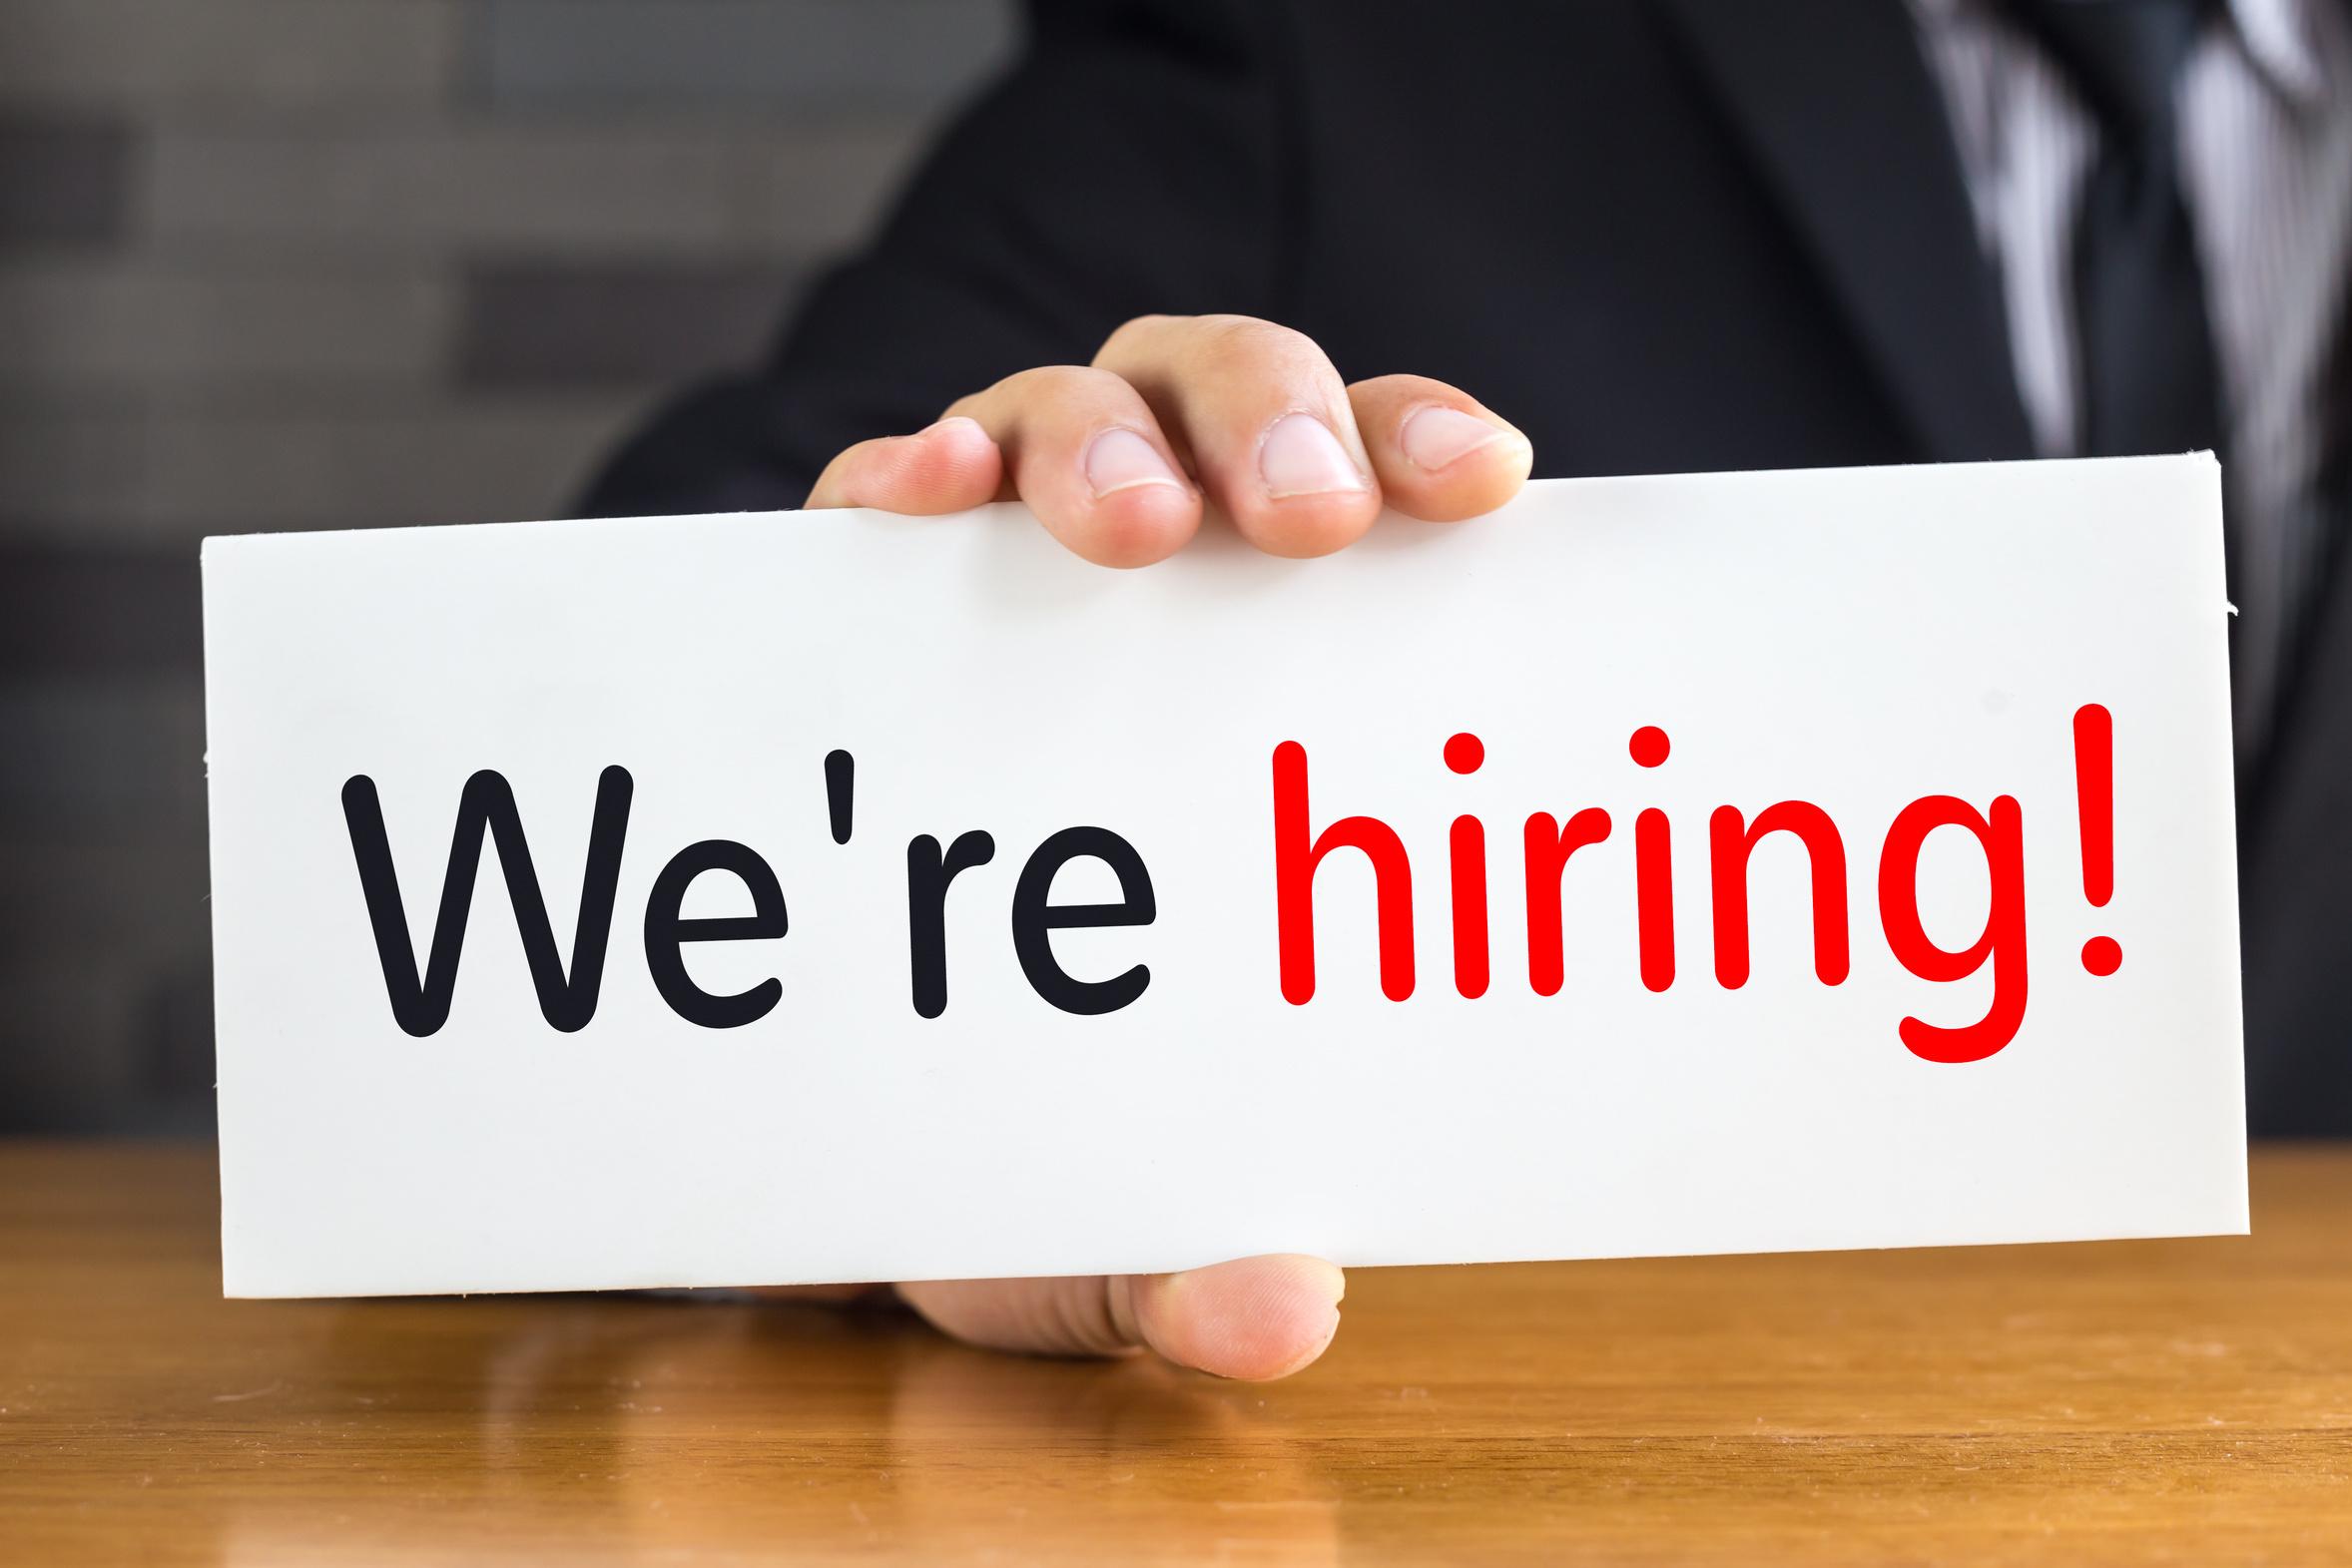 美12月新增就業31.2萬 遠超預期 美股勁揚